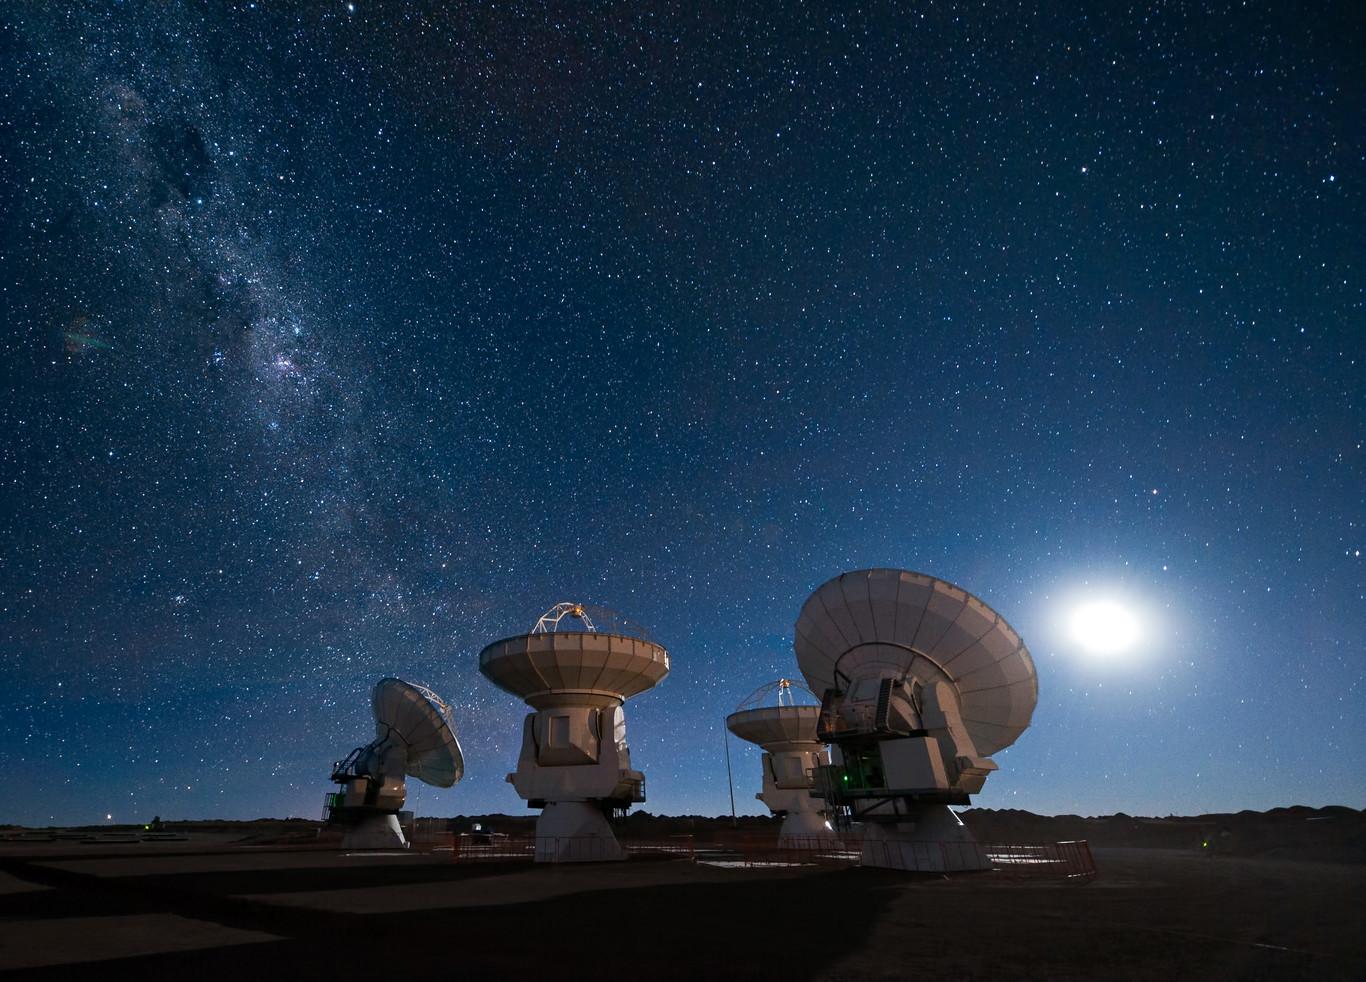 """La misteriosa señal """"Wow!"""" ya no es un misterio: así se ha resuelto uno de los grandes enigmas astronómicos de los últimos 40 años"""